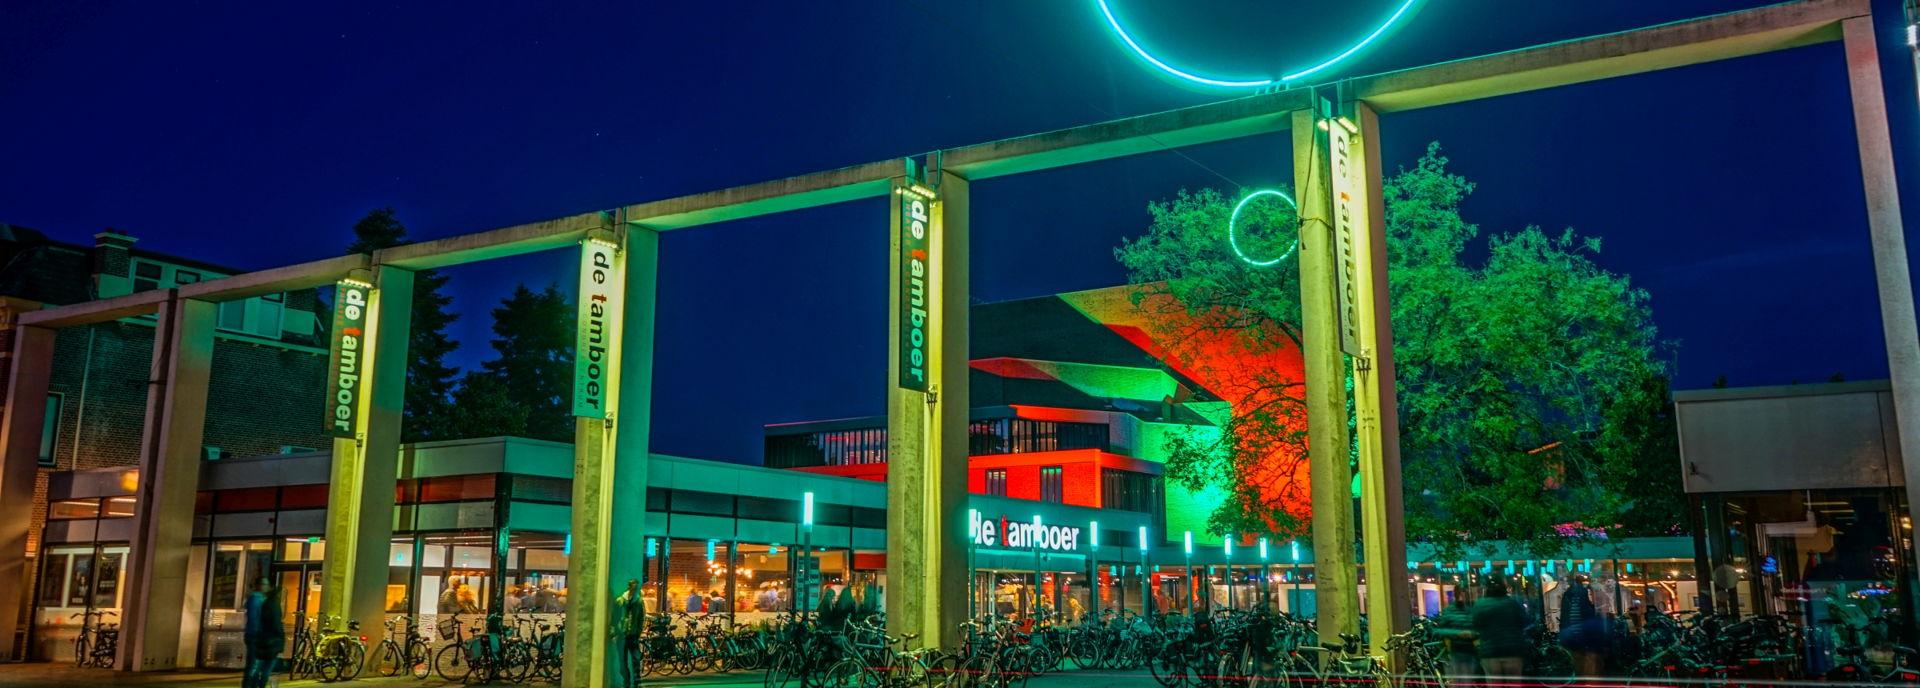 Het gebouw van Theater De Tamboer, gefotografeerd van buiten in de avond.